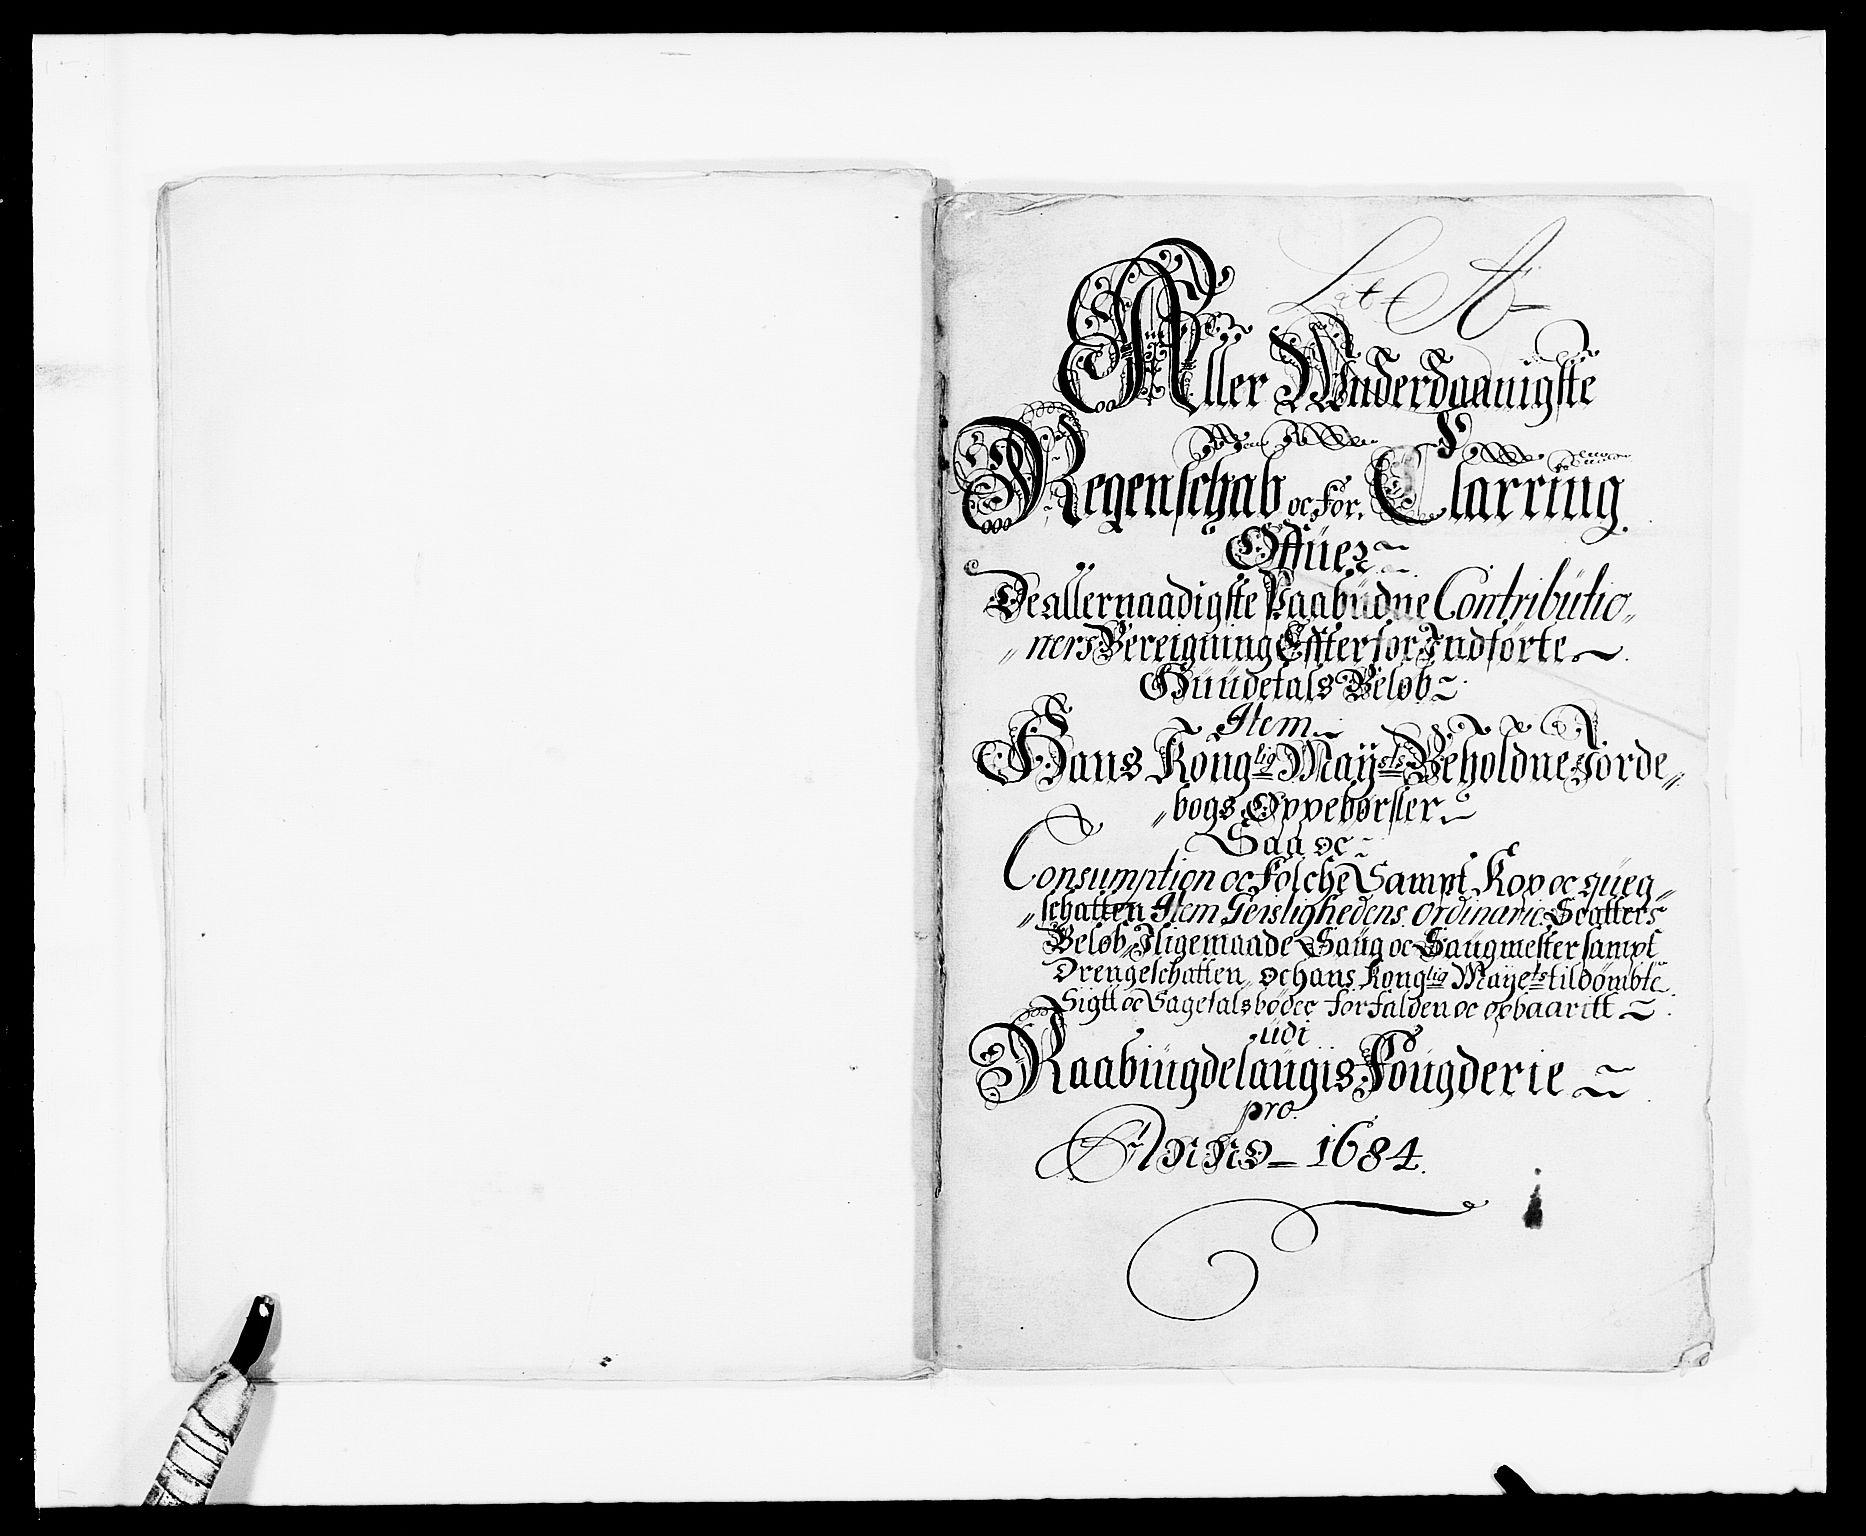 RA, Rentekammeret inntil 1814, Reviderte regnskaper, Fogderegnskap, R40/L2439: Fogderegnskap Råbyggelag, 1684-1685, s. 7